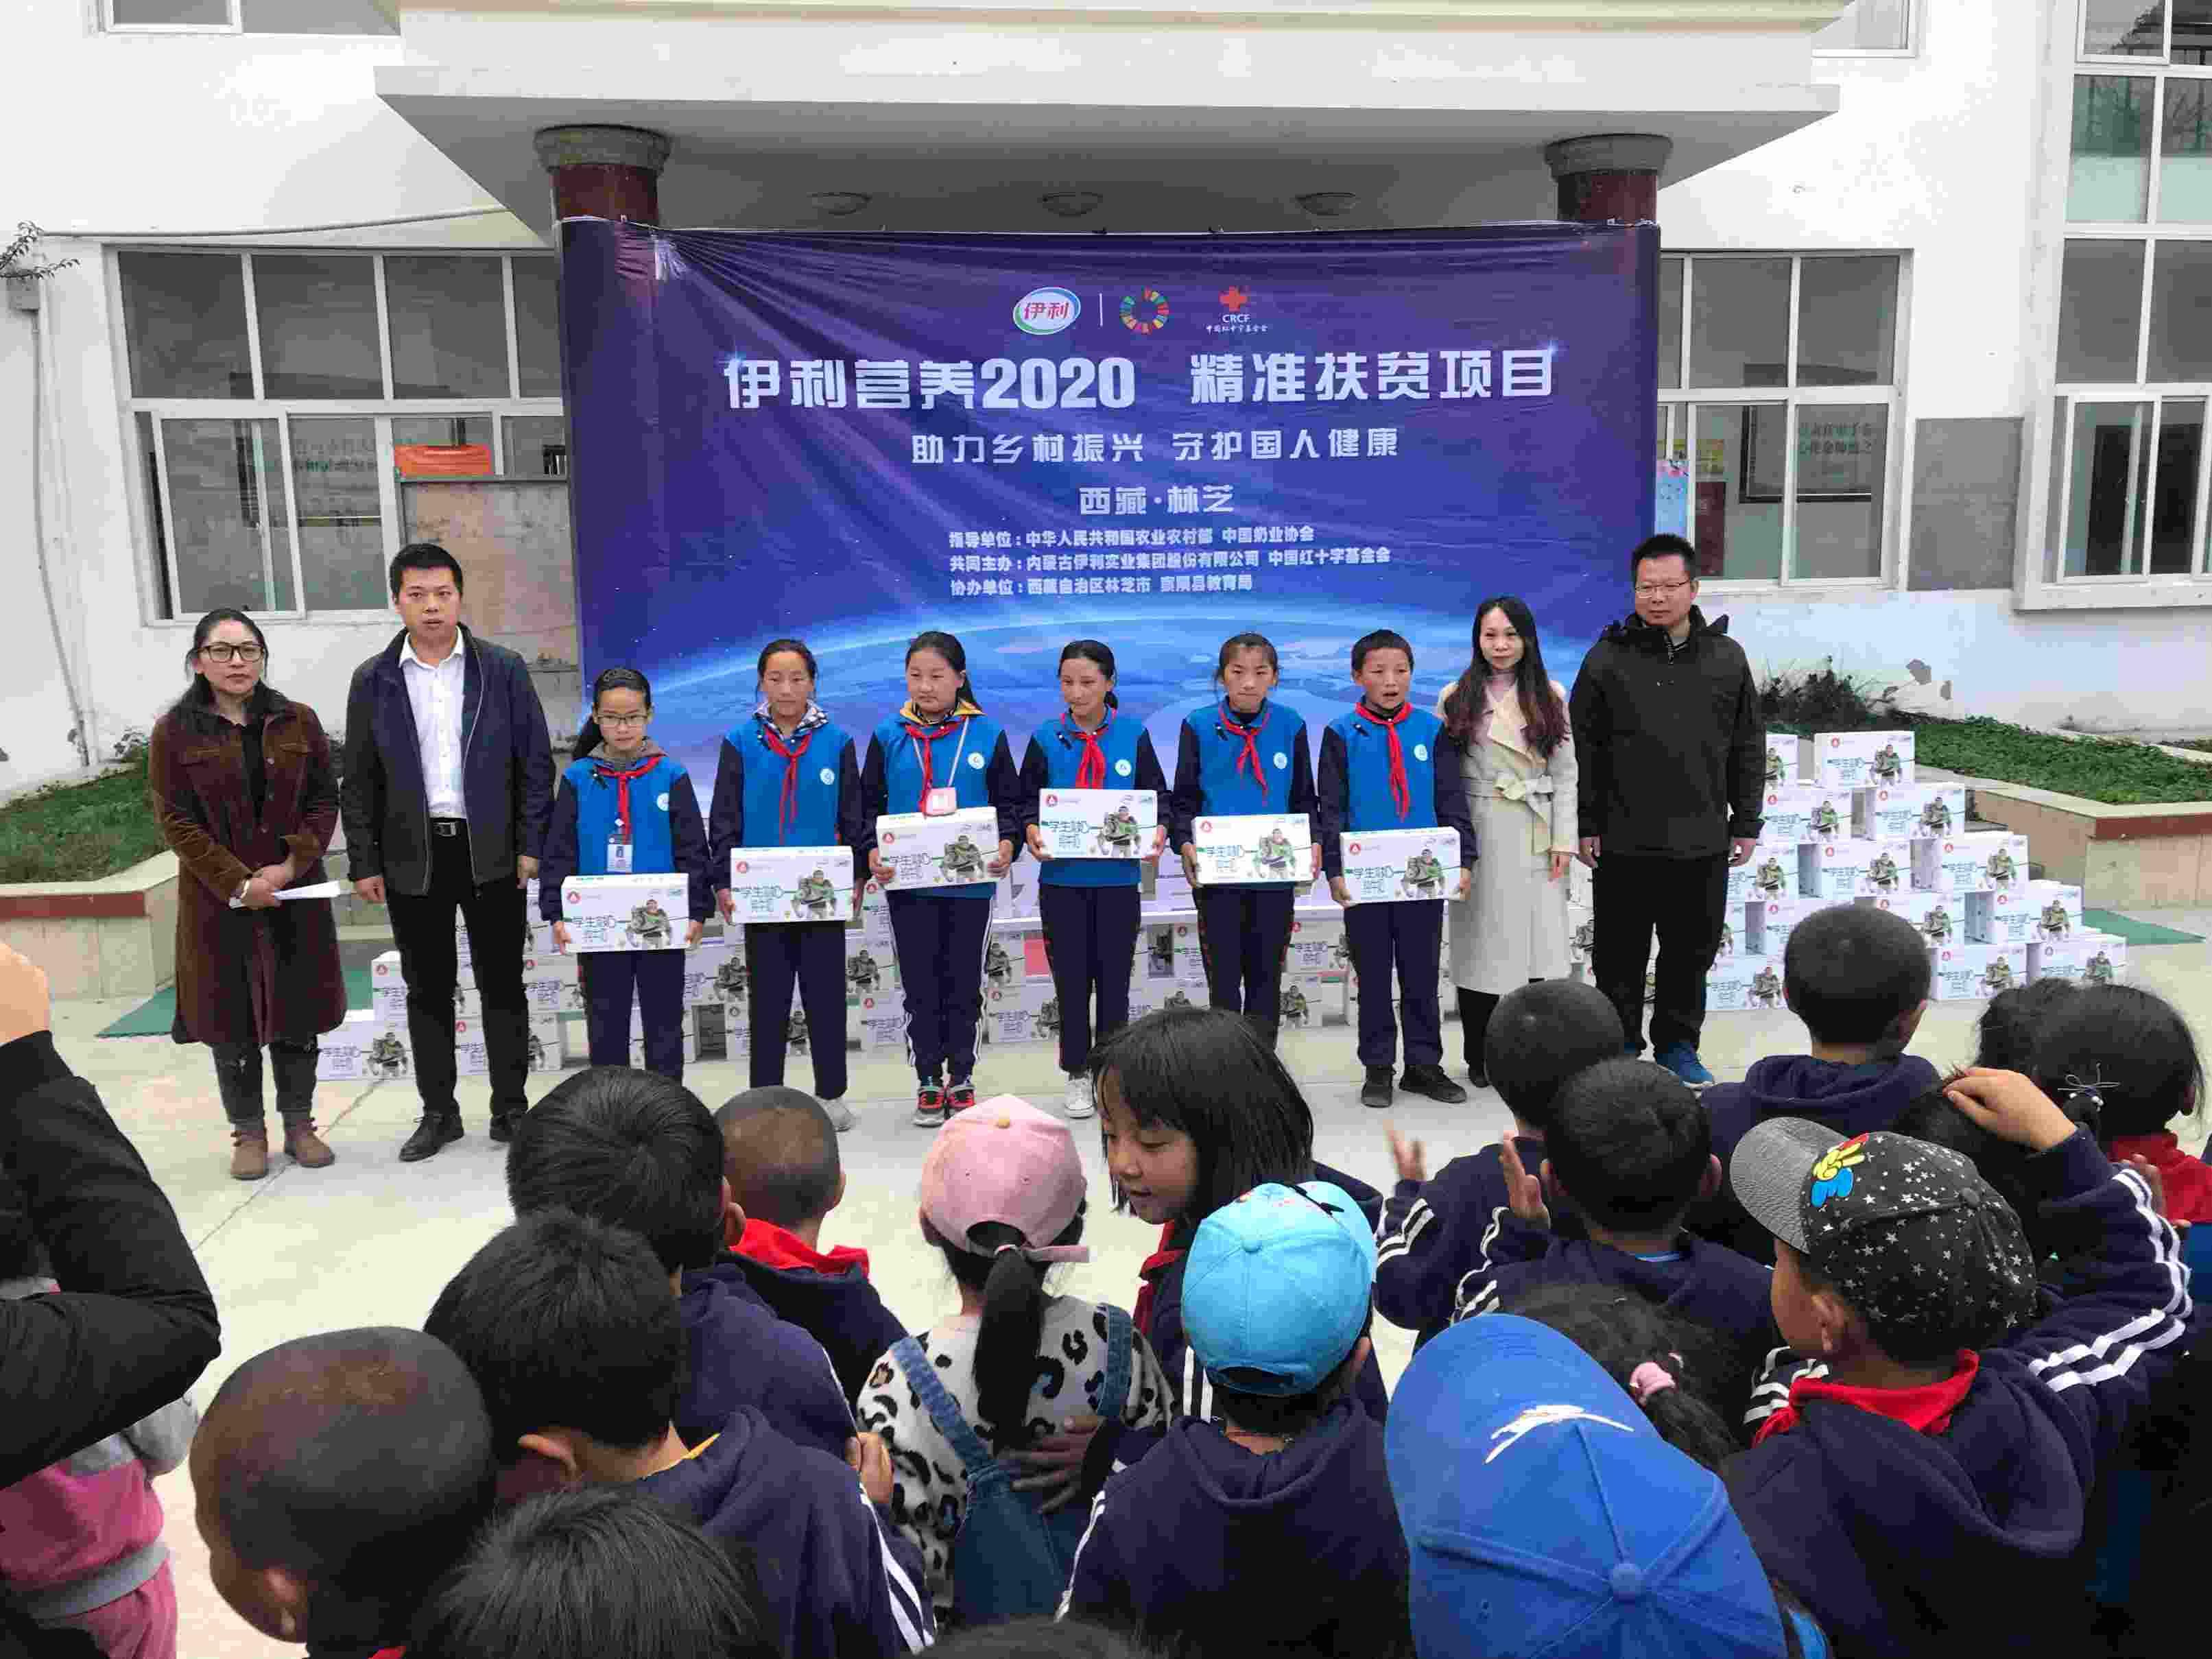 """走进索县、察隅,""""伊利营养2020""""用营养健康守护藏区孩子"""